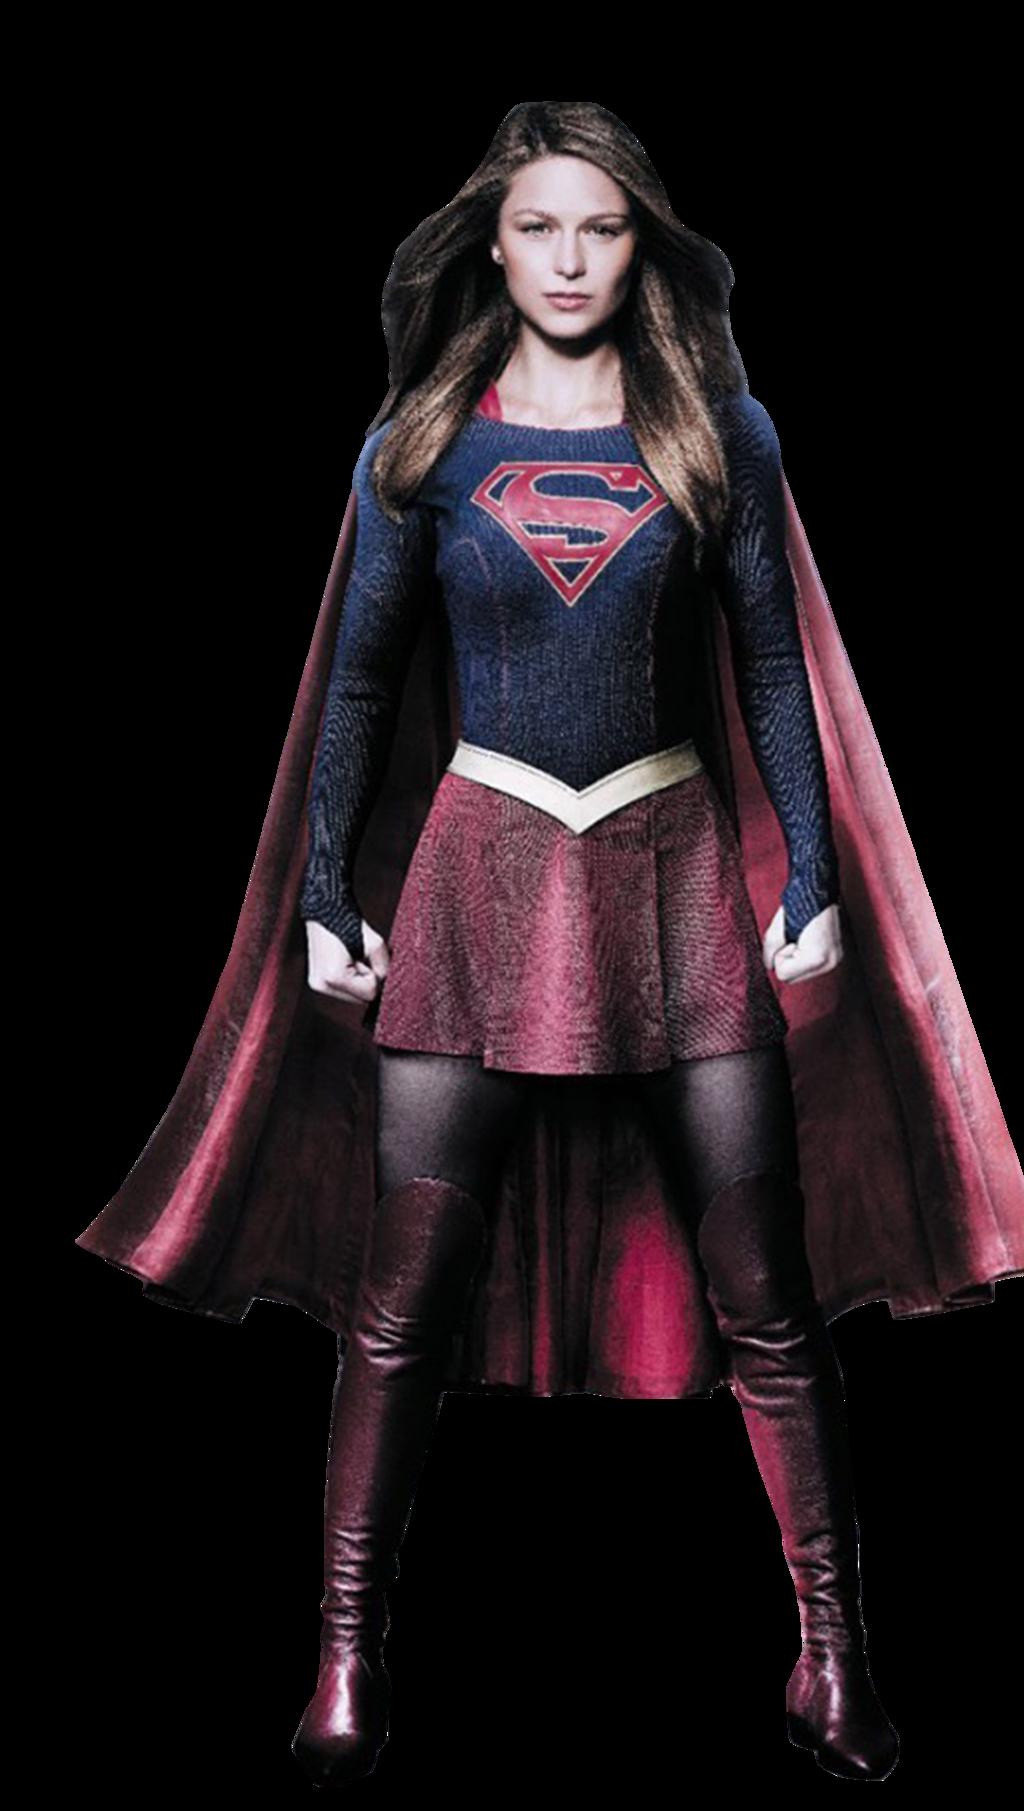 Supergirl Png Image PNG Image - Supergirl HD PNG